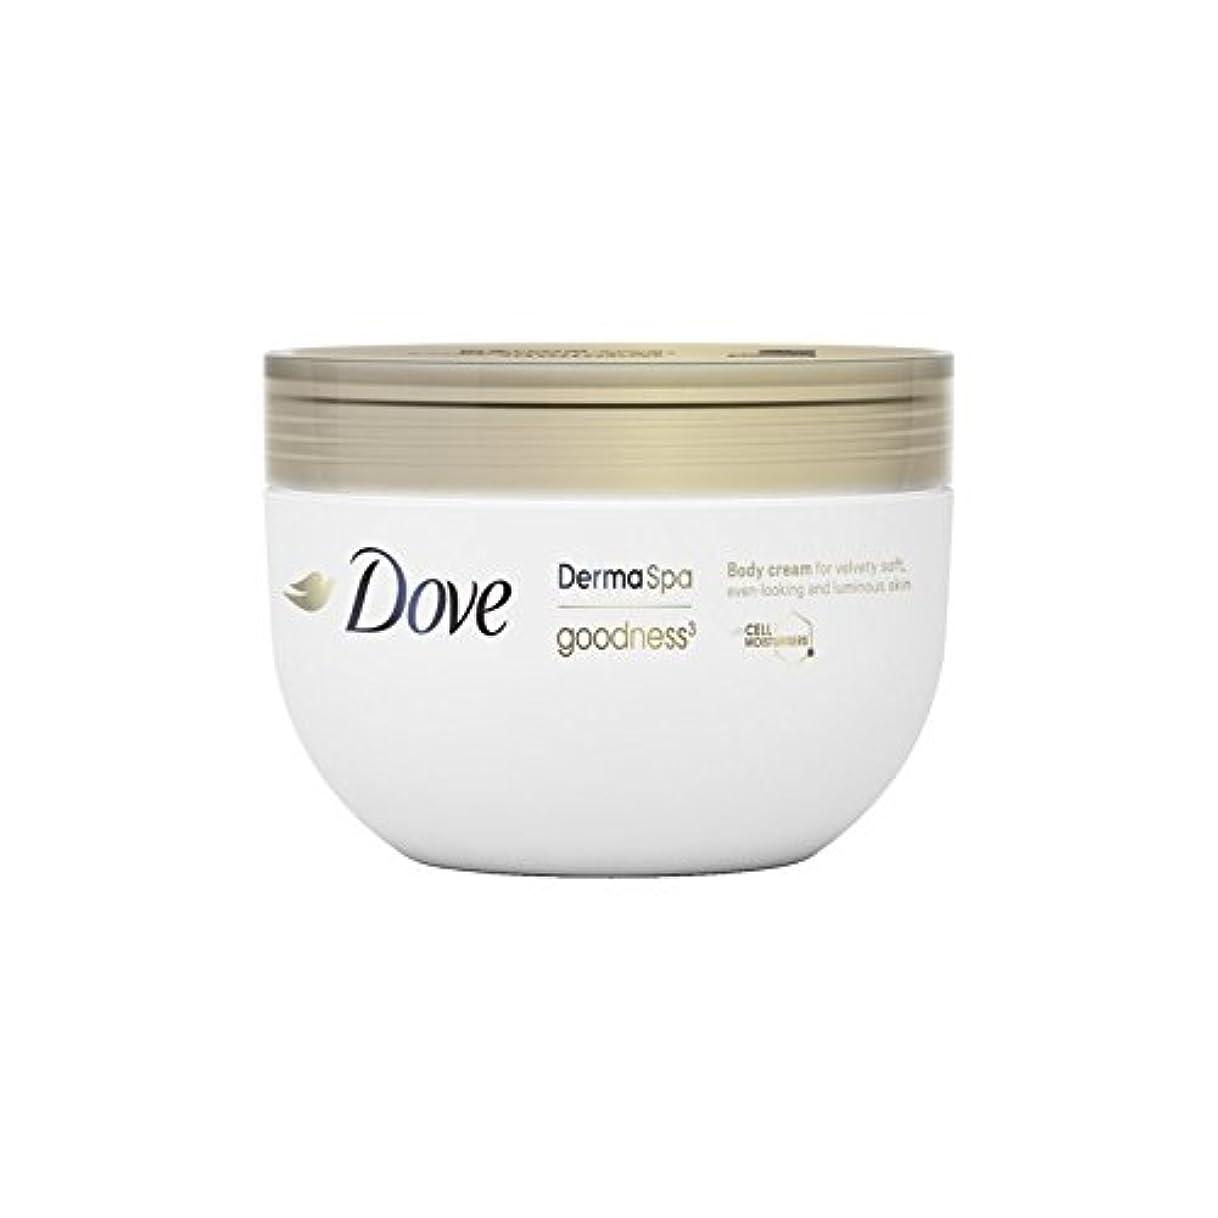 キャンバス入り口リベラル鳩の3ボディクリーム(300ミリリットル) x2 - Dove DermaSpa Goodness3 Body Cream (300ml) (Pack of 2) [並行輸入品]